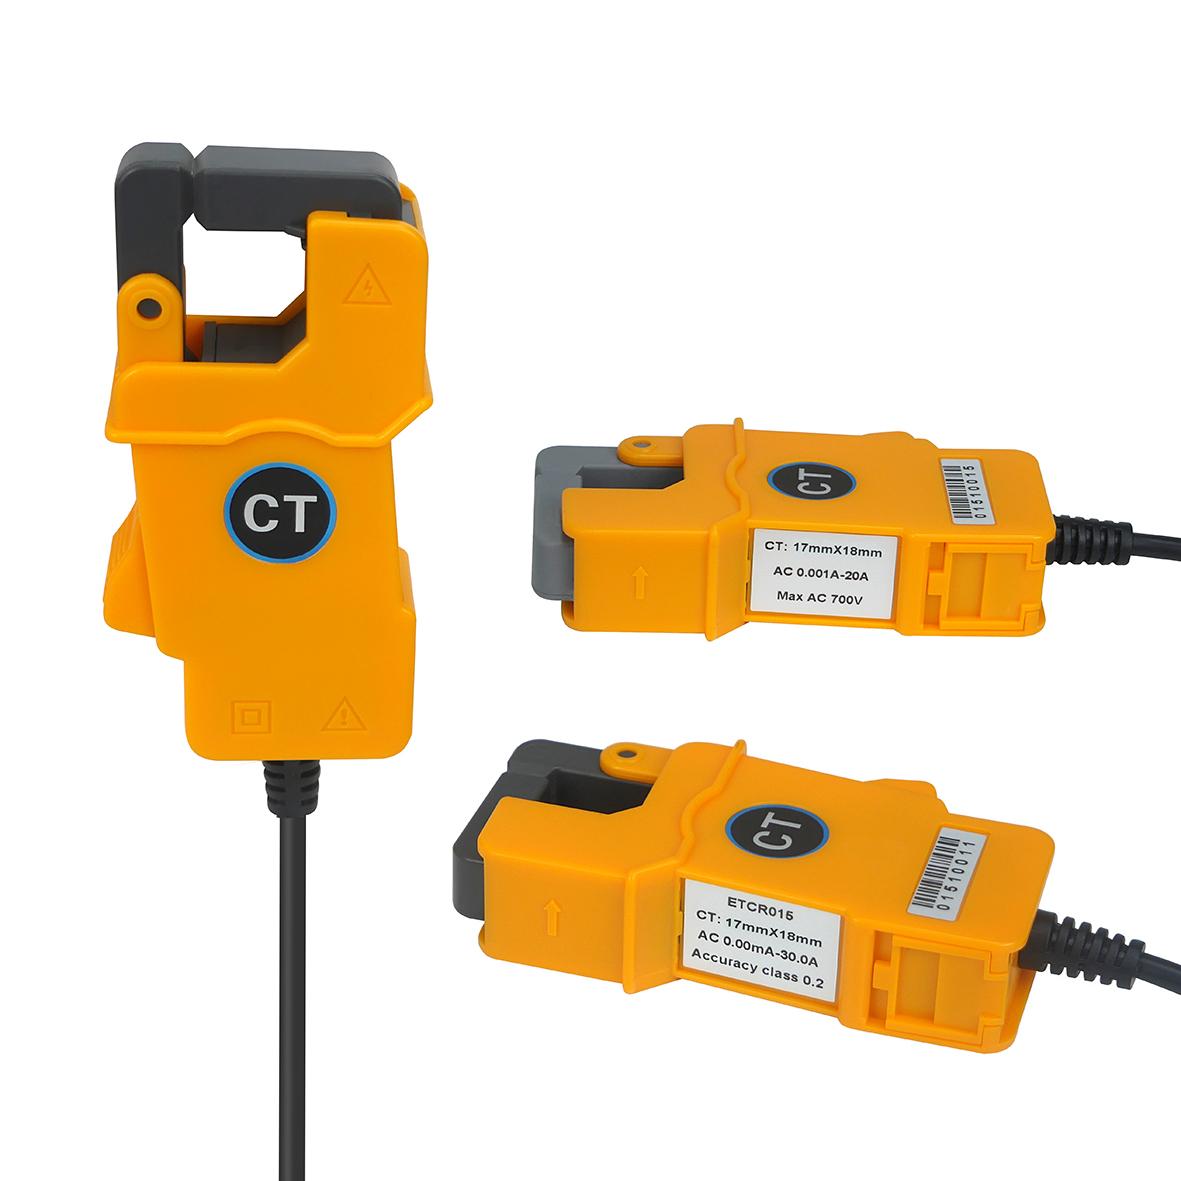 ETCR015高精度钳形漏电流传感器